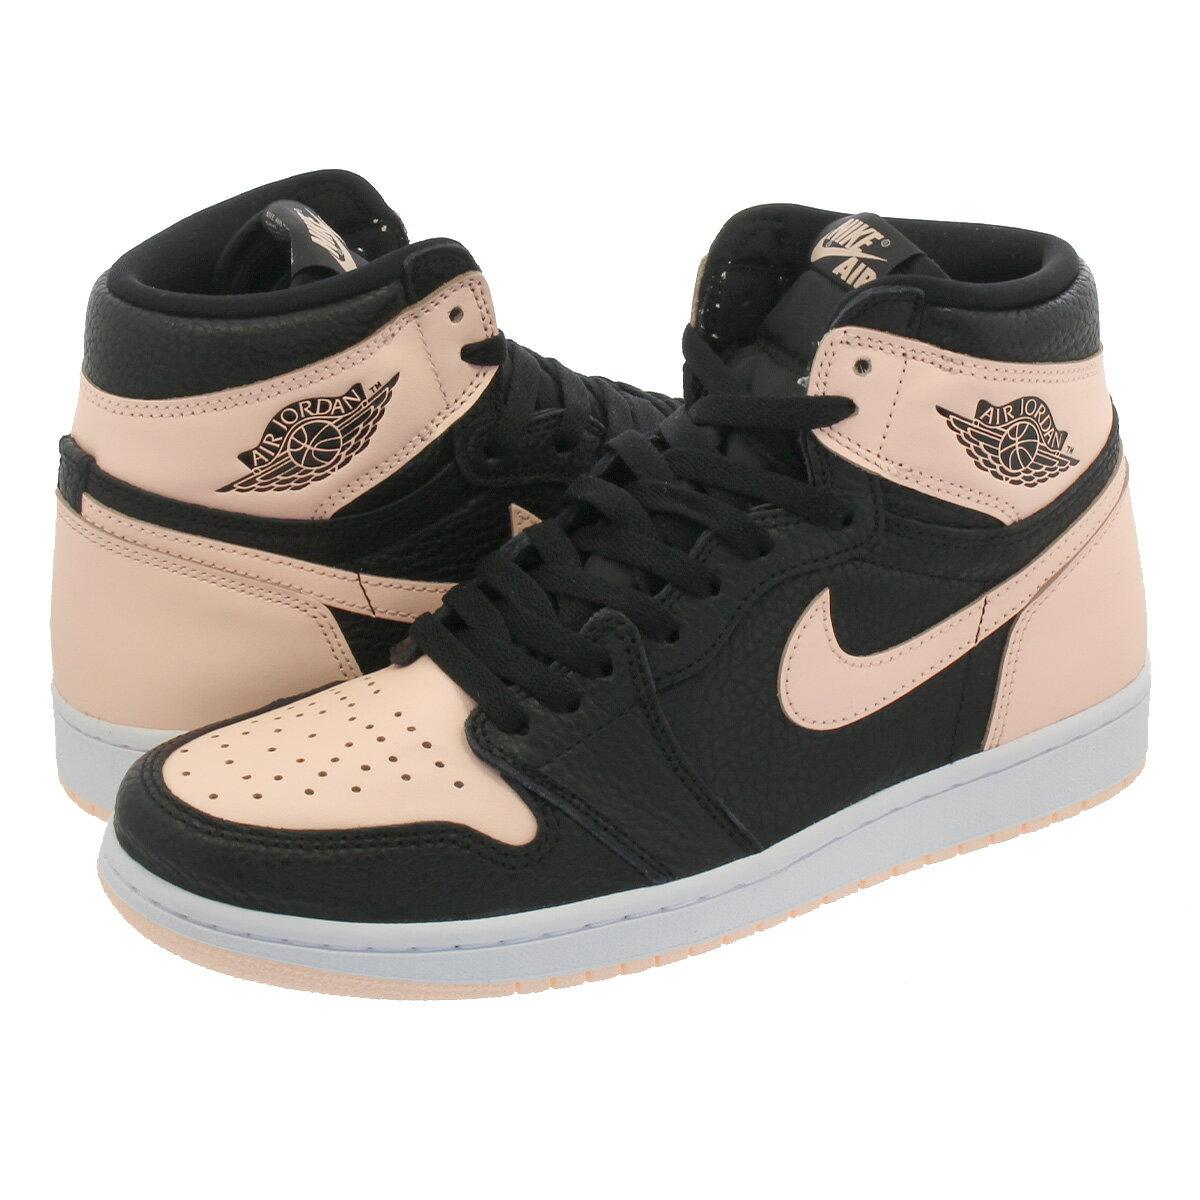 555 Pink 081 Jordan Nike 088 Air 1 Retro Tinthyper High Blackcrimson Og Nostalgic erodBCx